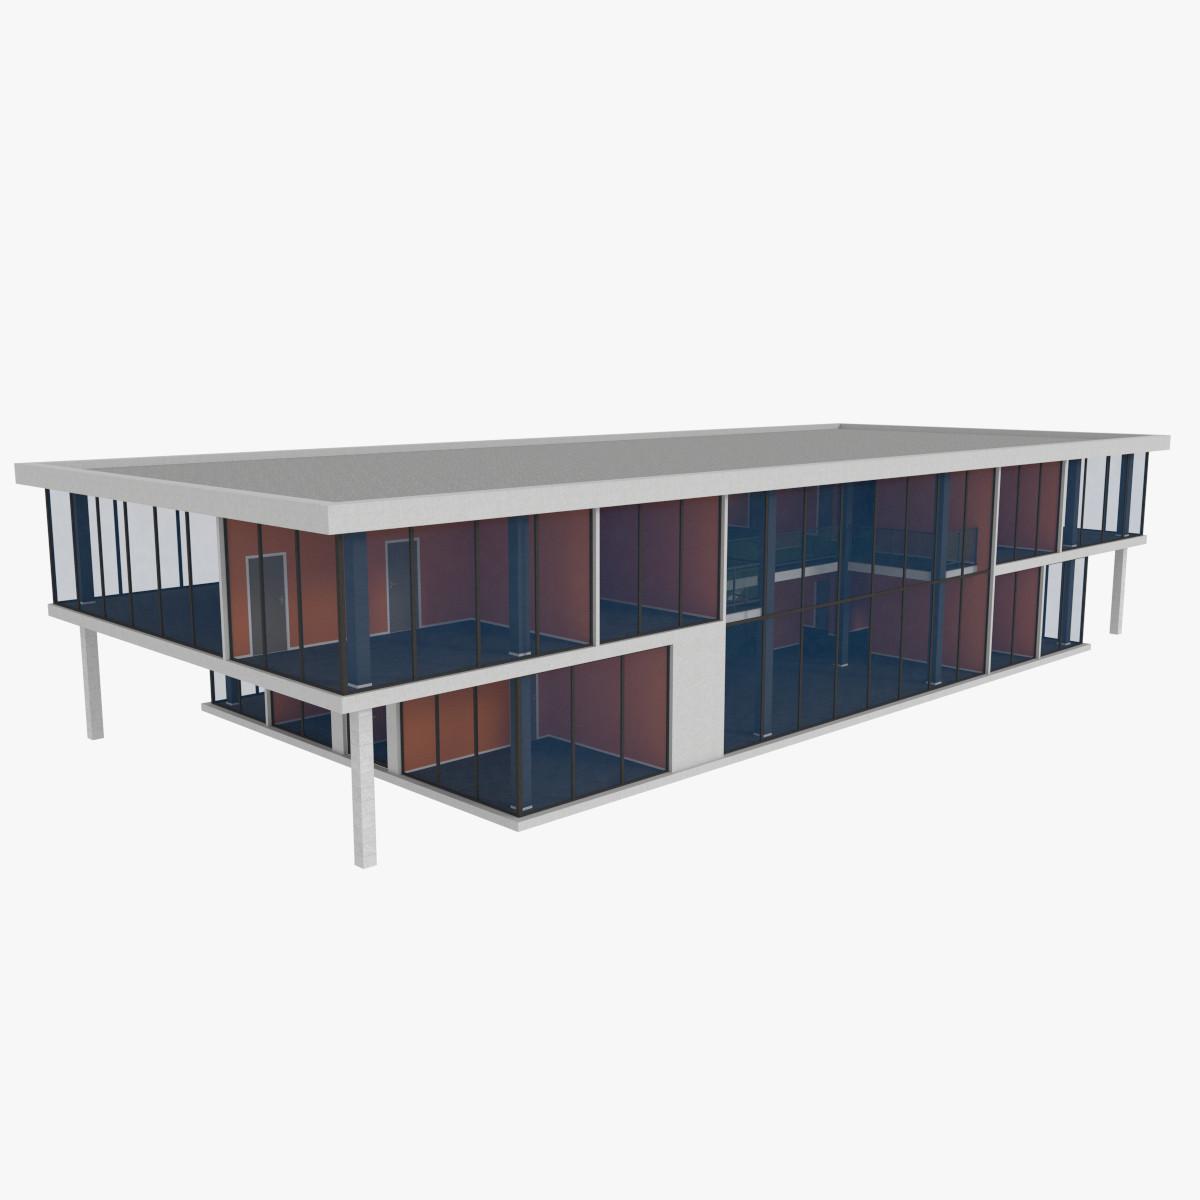 Modern office building interior exterior obj for Office building exterior design